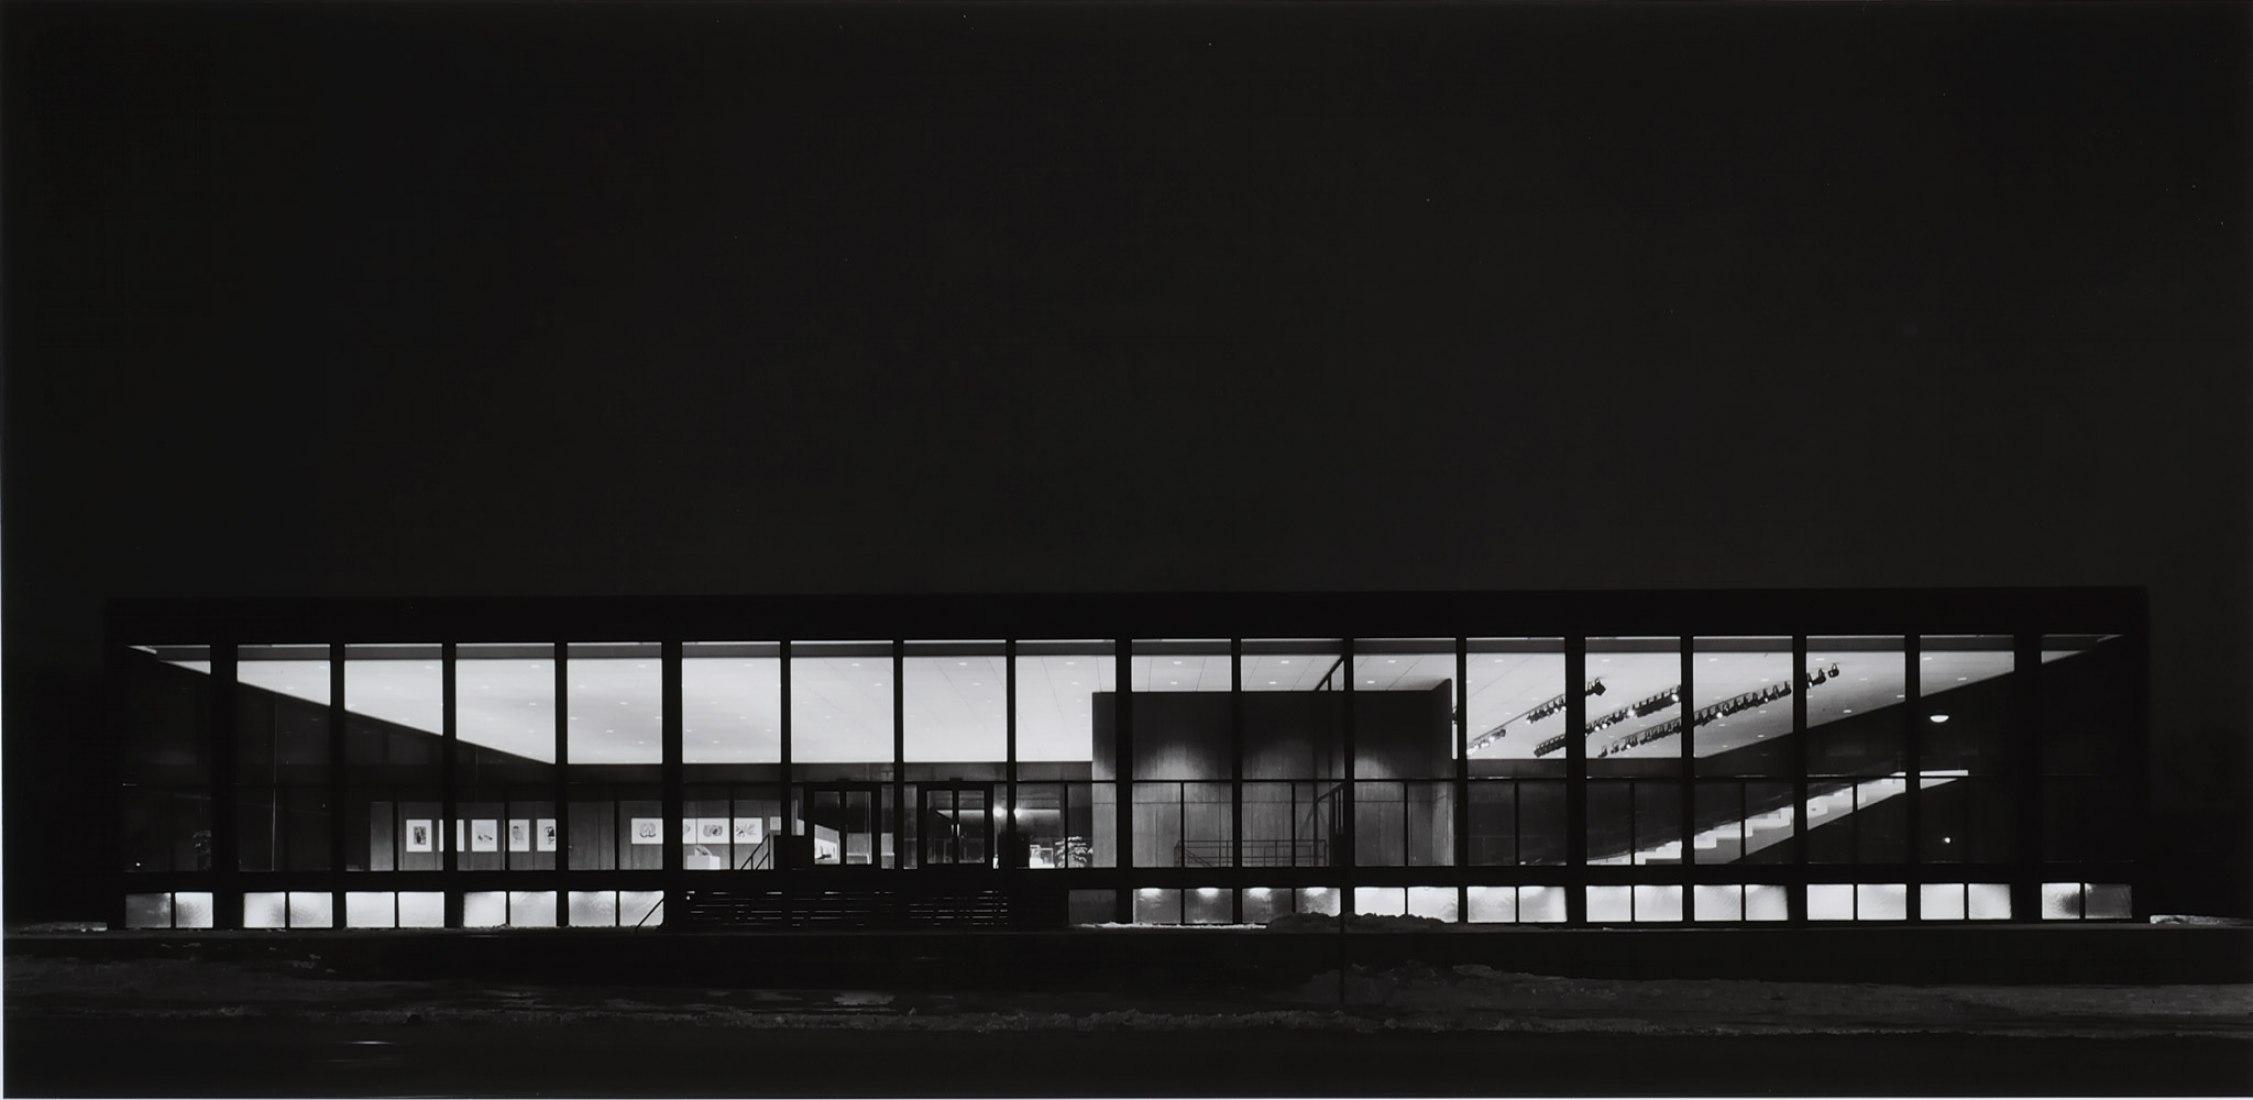 Richard Nickel. Bailarines en el teatro del Centro Saidye Bronfman, 1968. Phyllis Lambert, Arquitecto. Impresión en gelatina de plata. Imagen cortesía del fondo Phyllis Lambert, CCA.